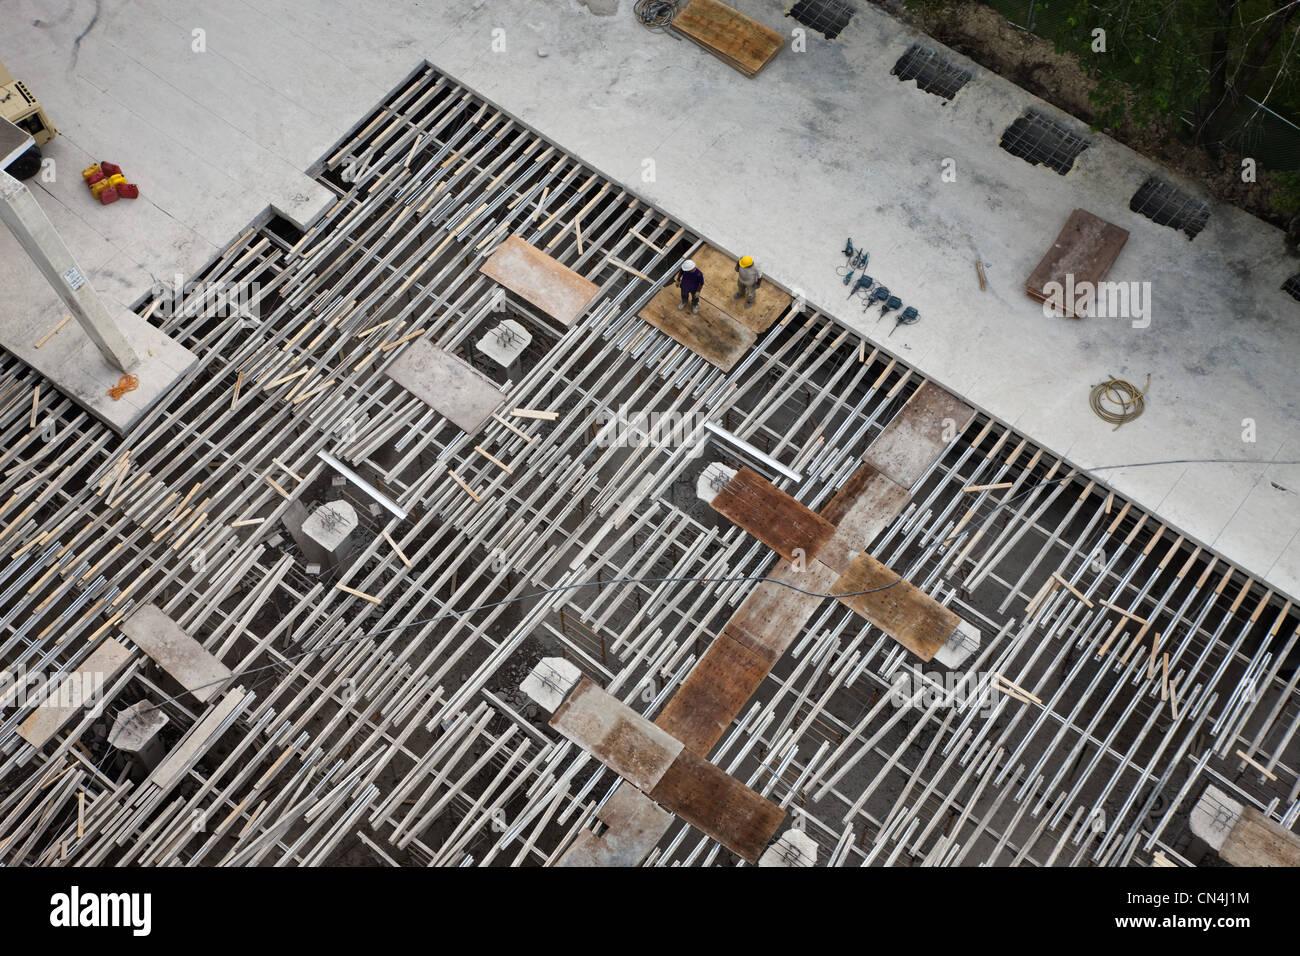 Sito in costruzione, visto dal di sopra Immagini Stock